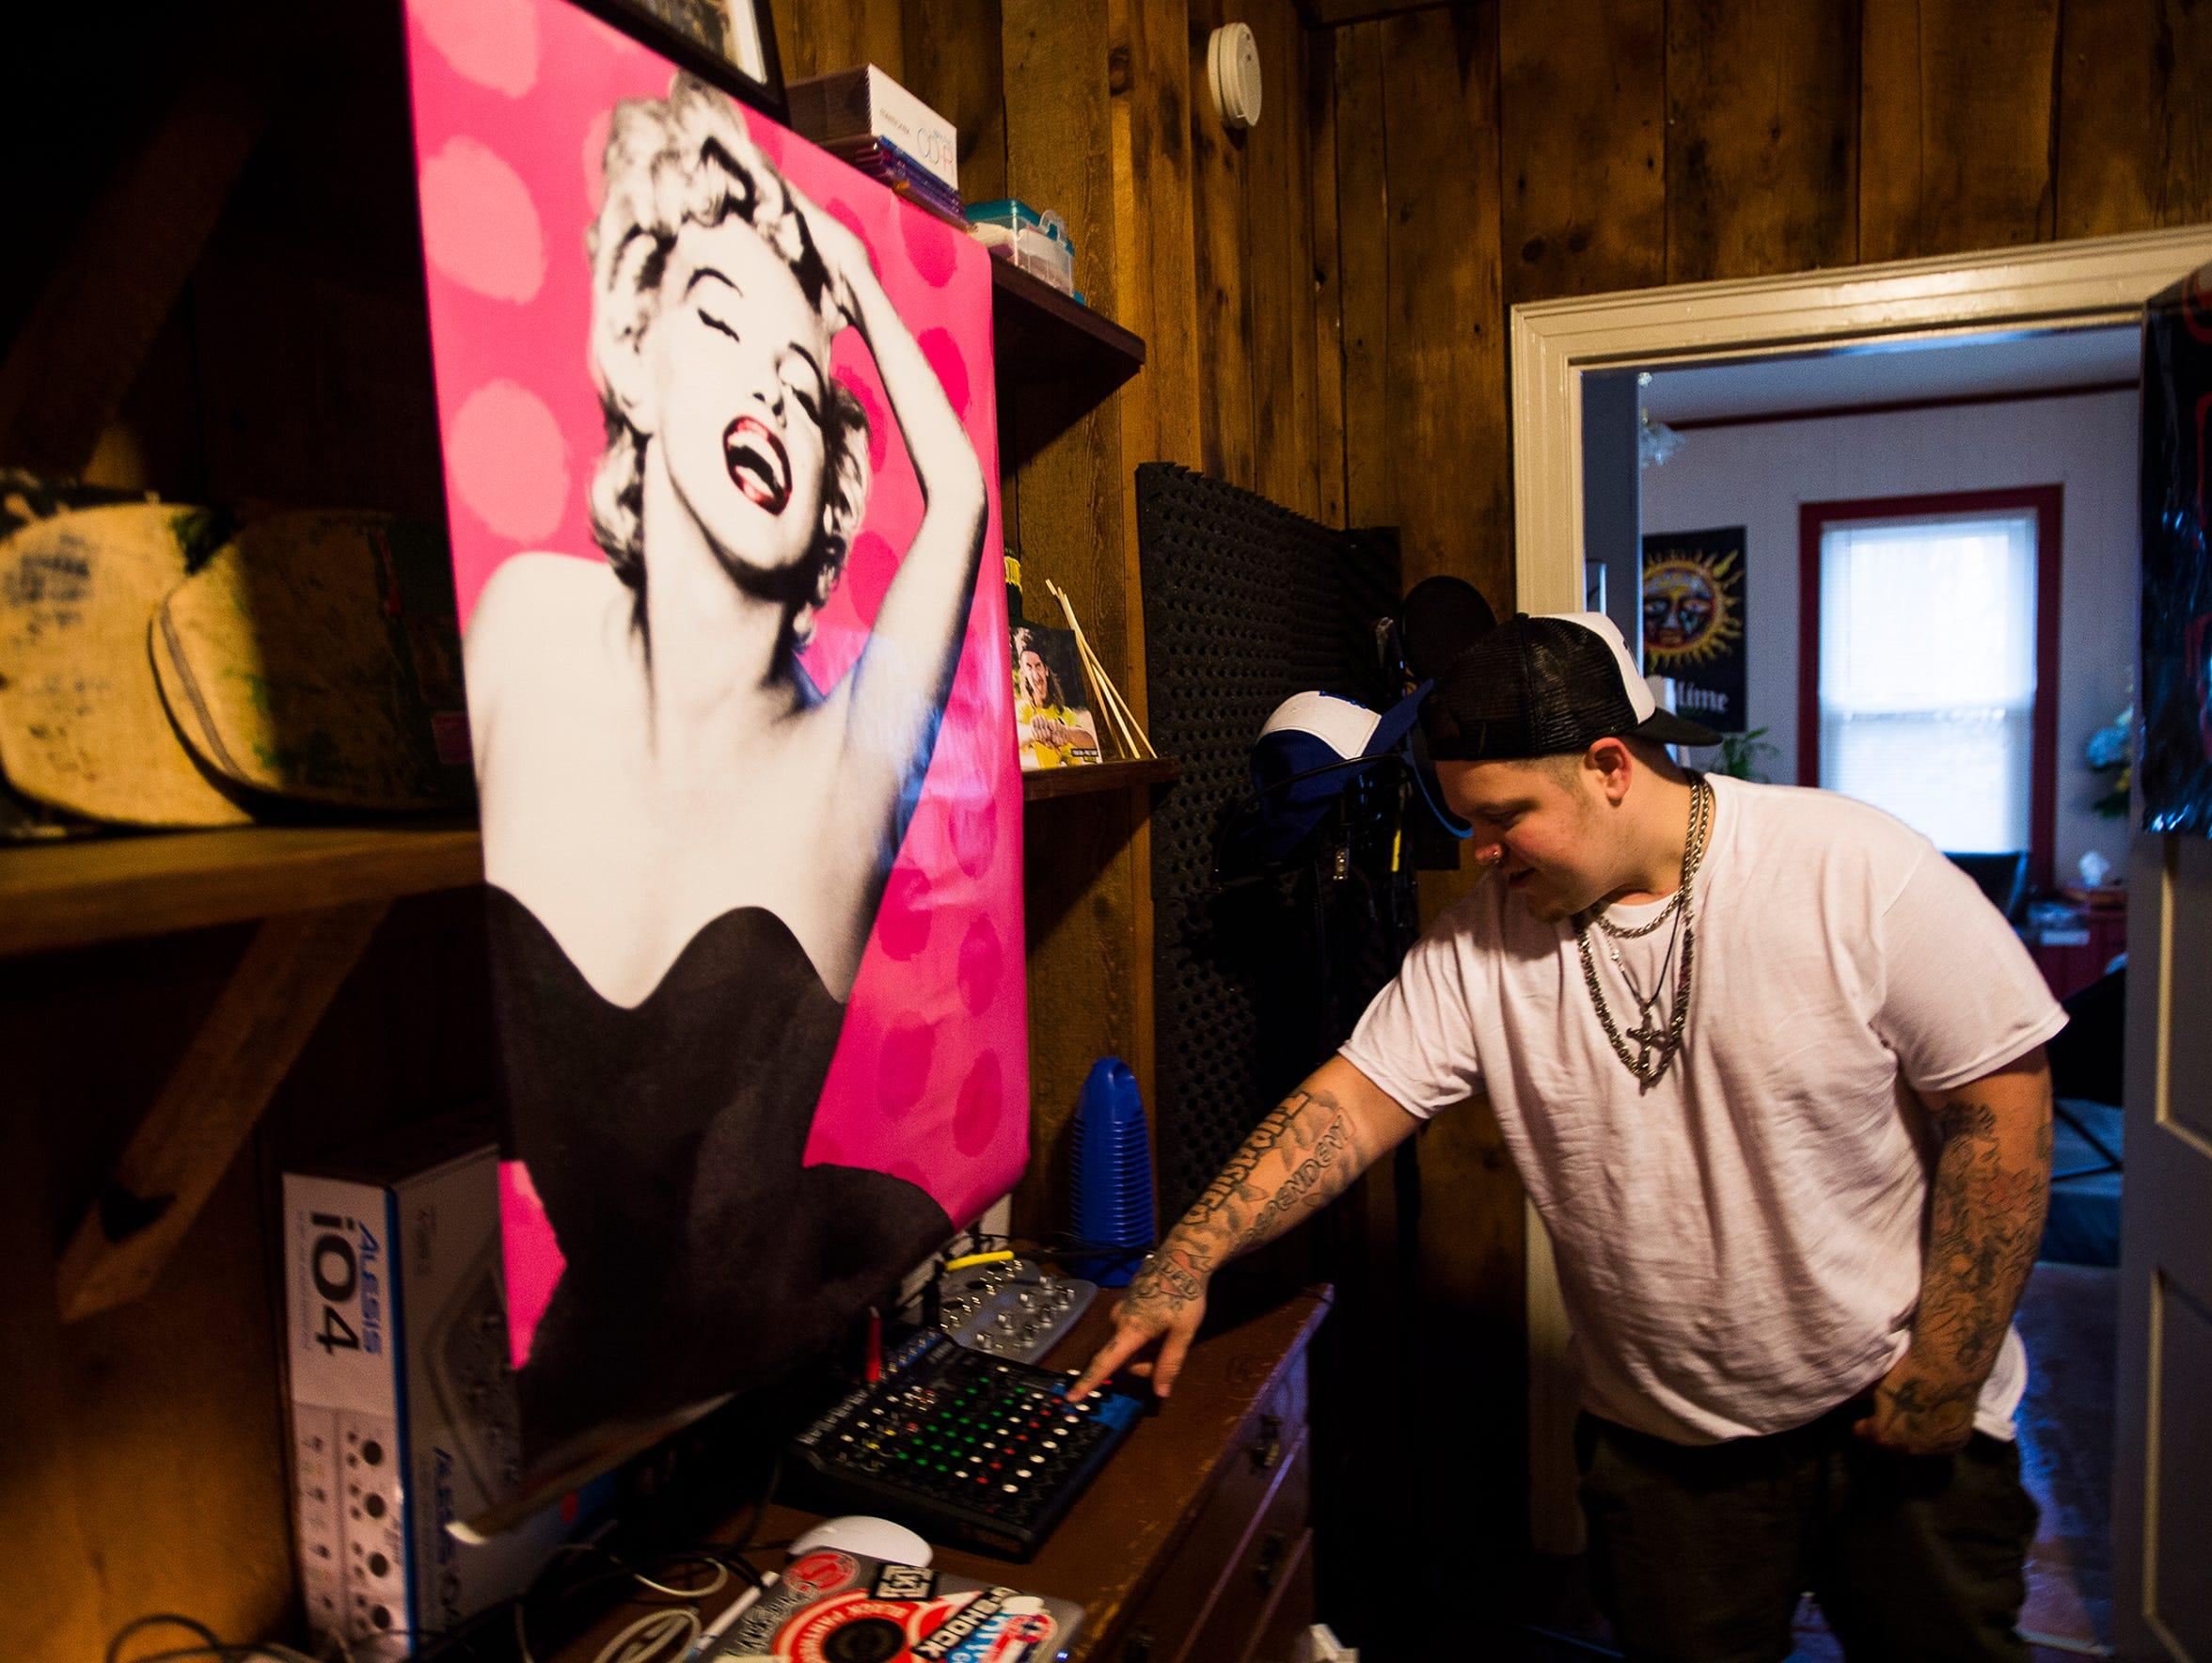 Jordan Keller explains some of the recording equipment